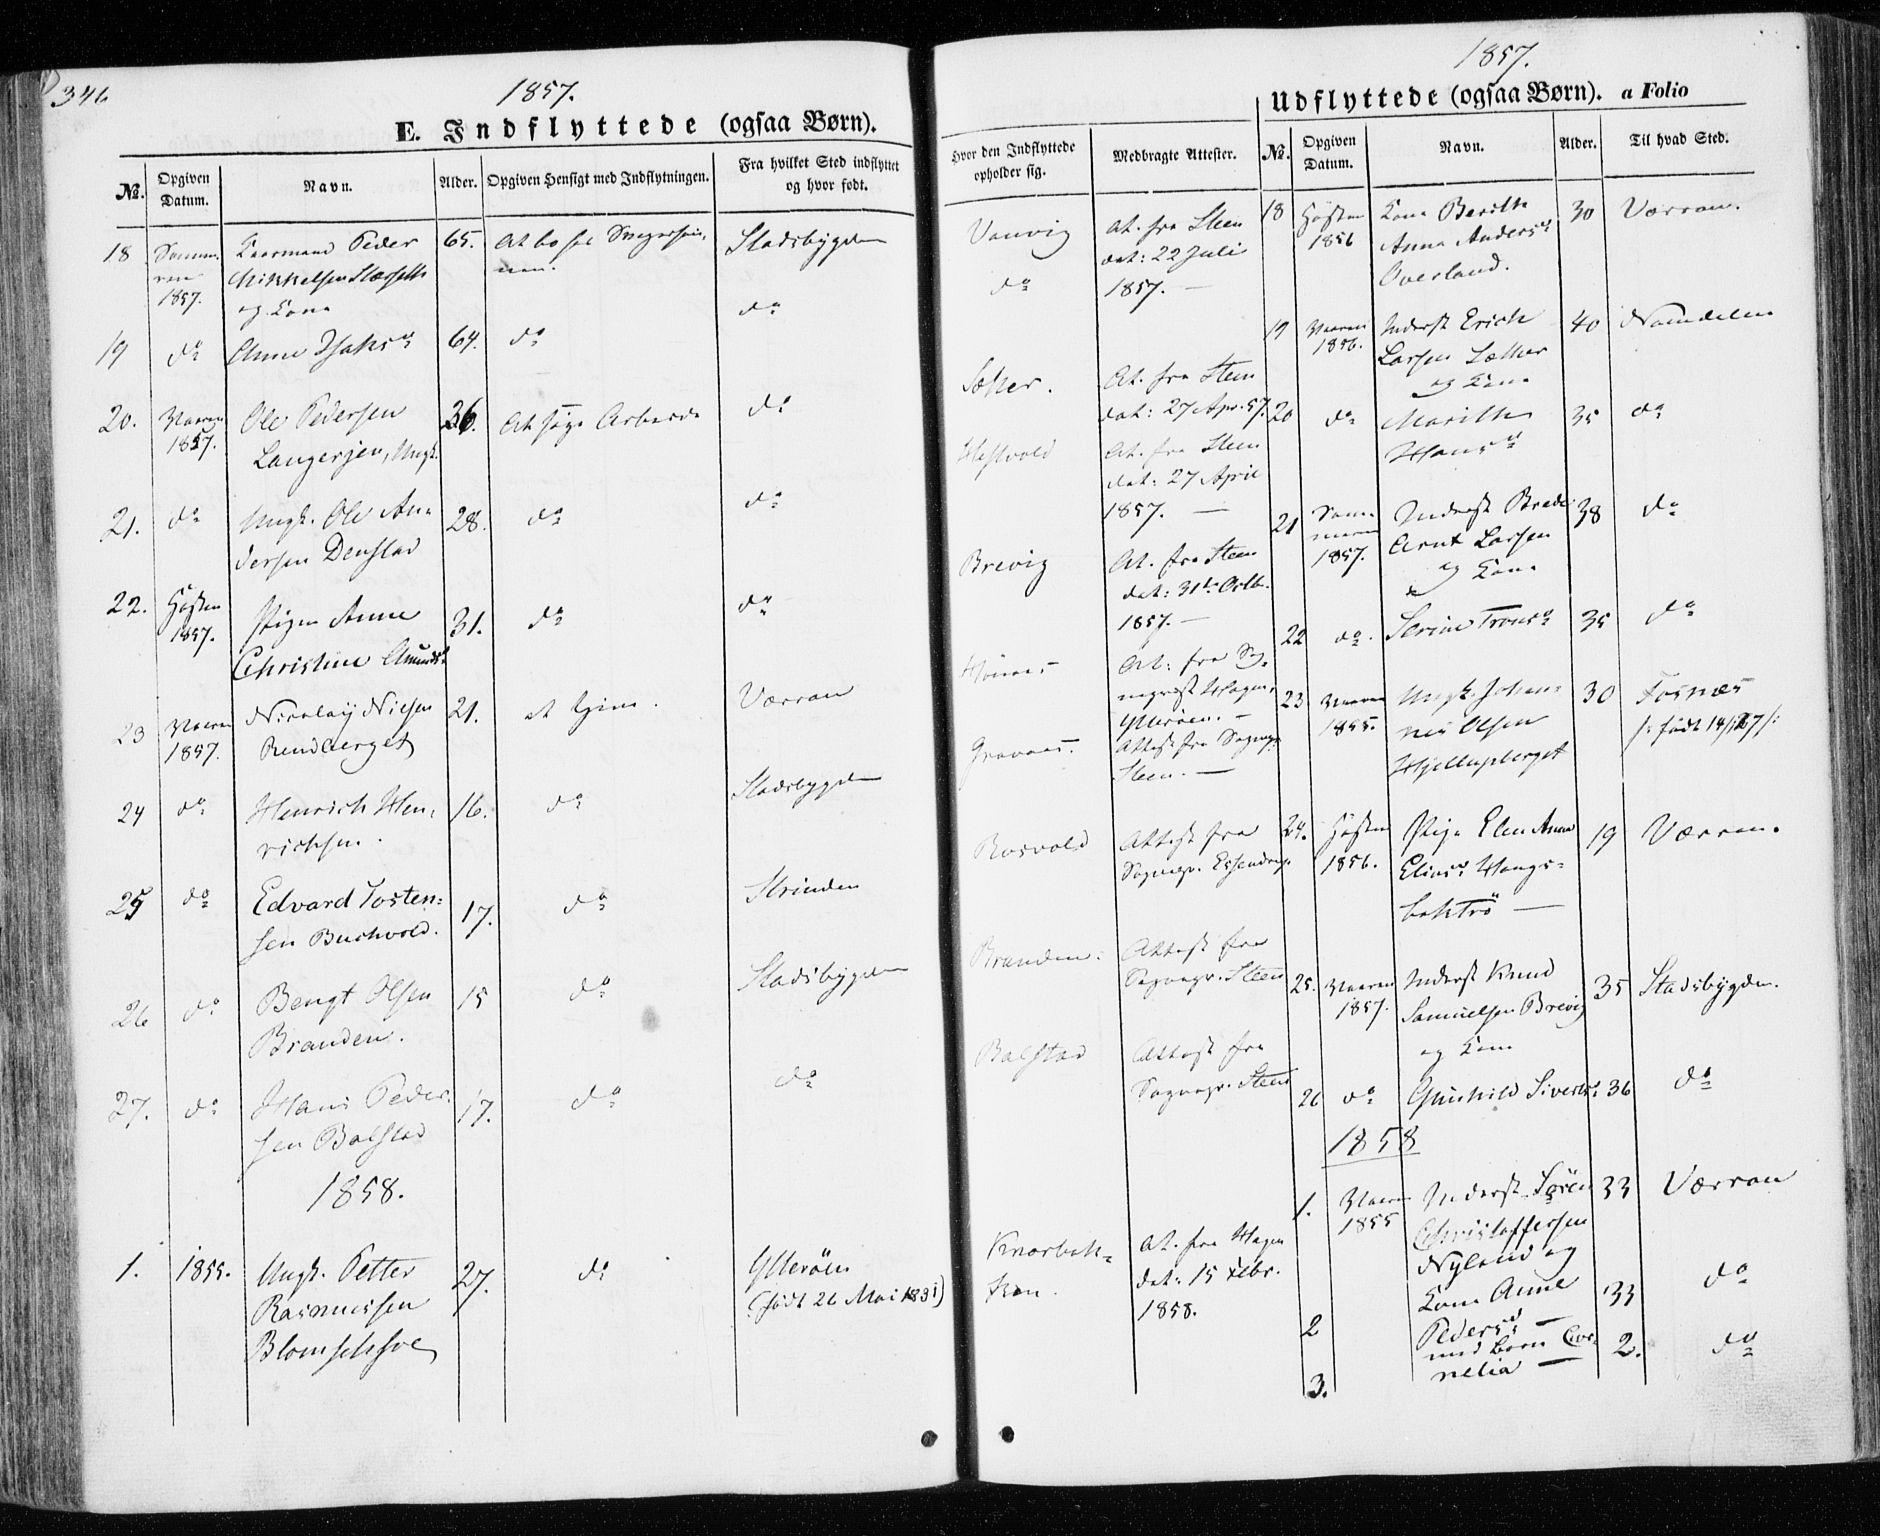 SAT, Ministerialprotokoller, klokkerbøker og fødselsregistre - Nord-Trøndelag, 701/L0008: Ministerialbok nr. 701A08 /1, 1854-1863, s. 346